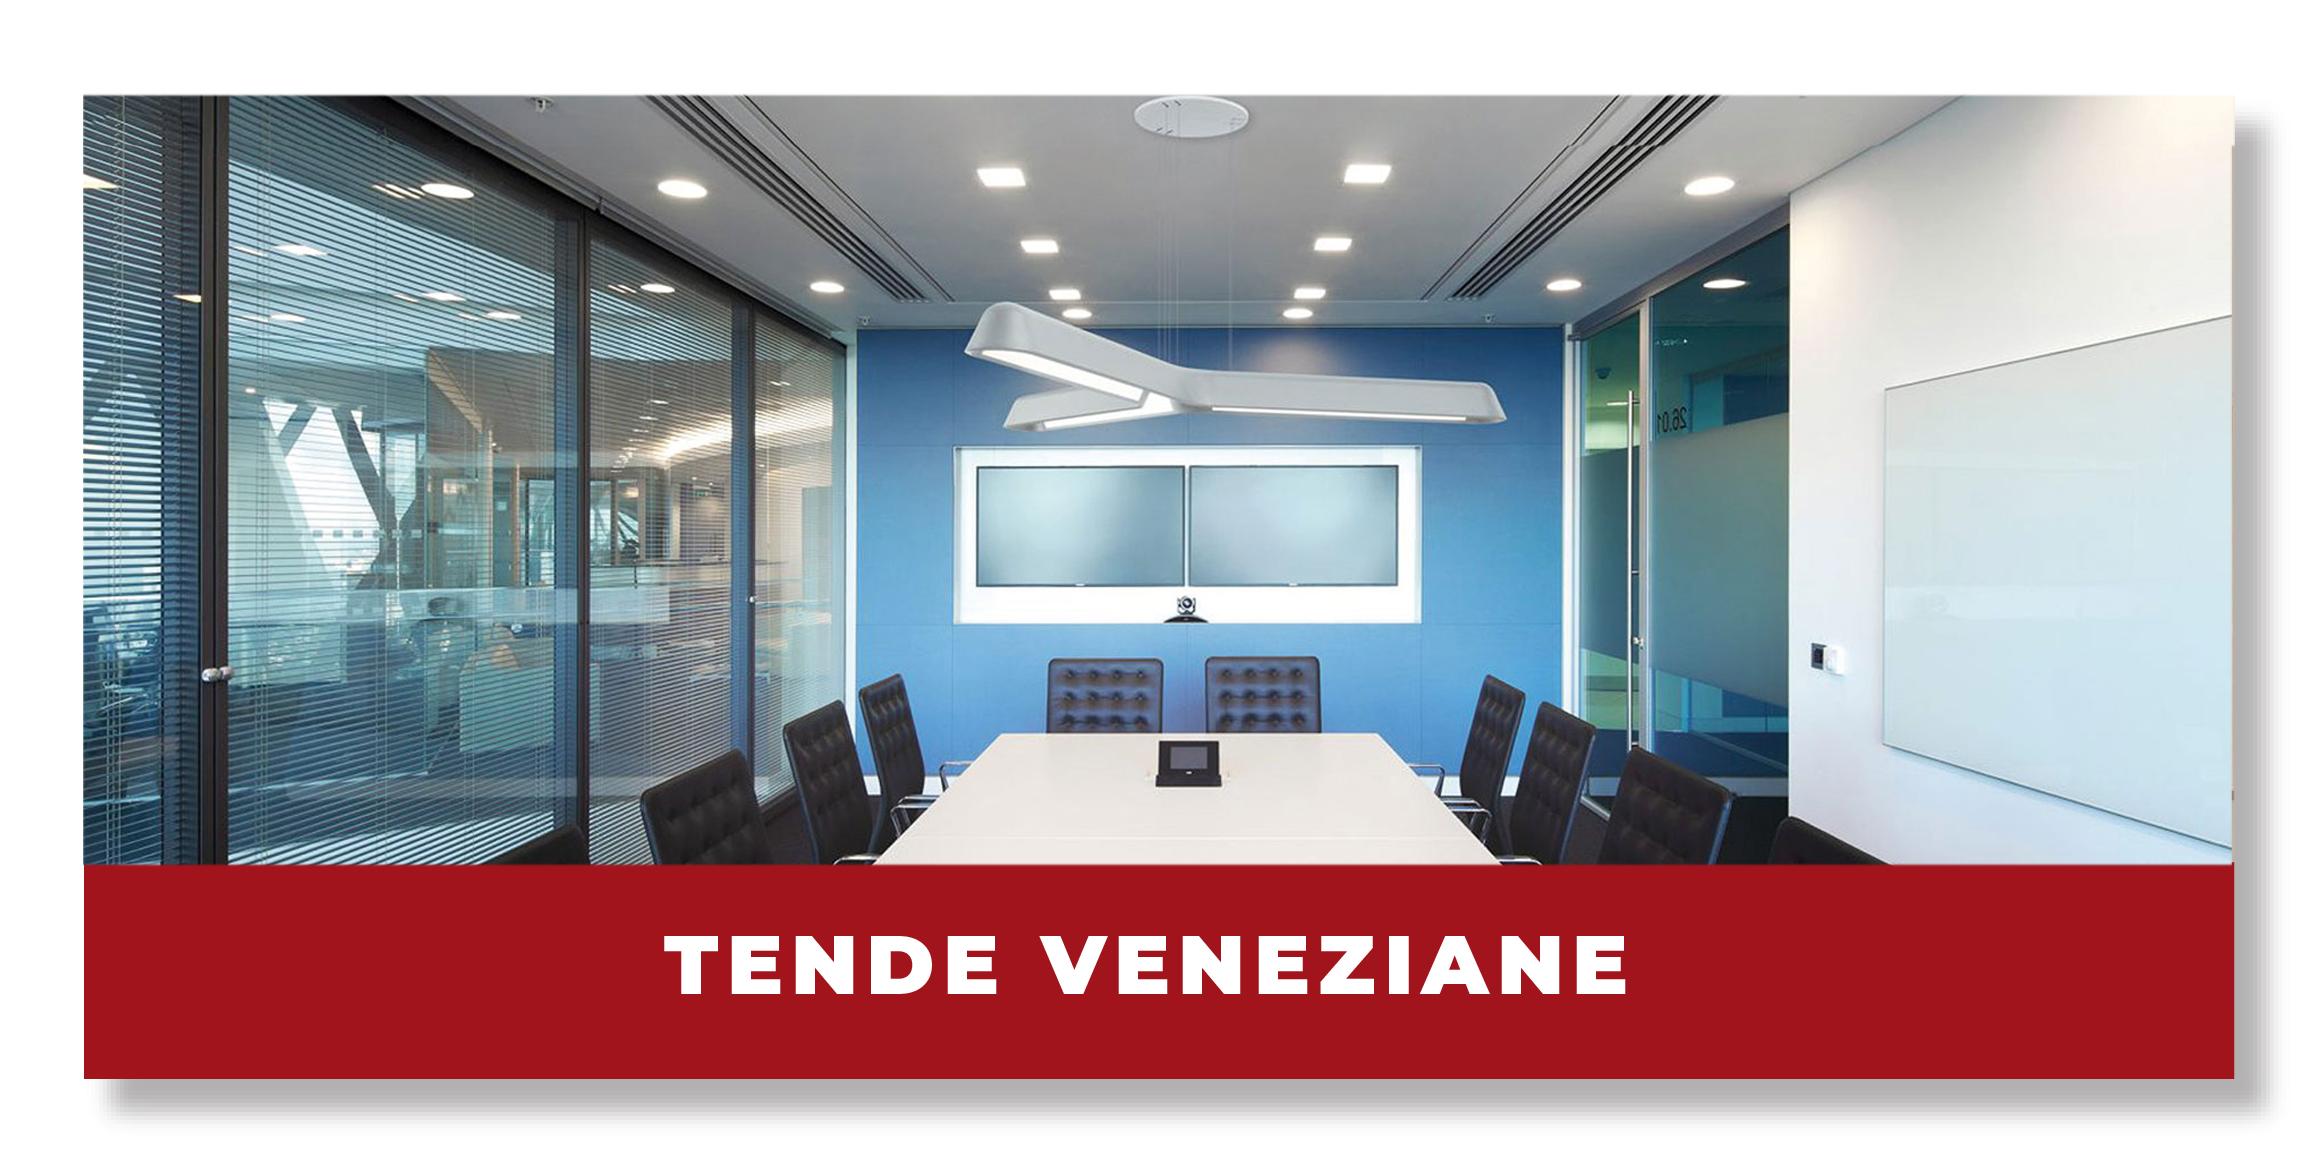 tende tecniche e veneziane vendita installazione produzione su misura torino nuova rolltende attiivtà ristoranti bar hotel.jpg